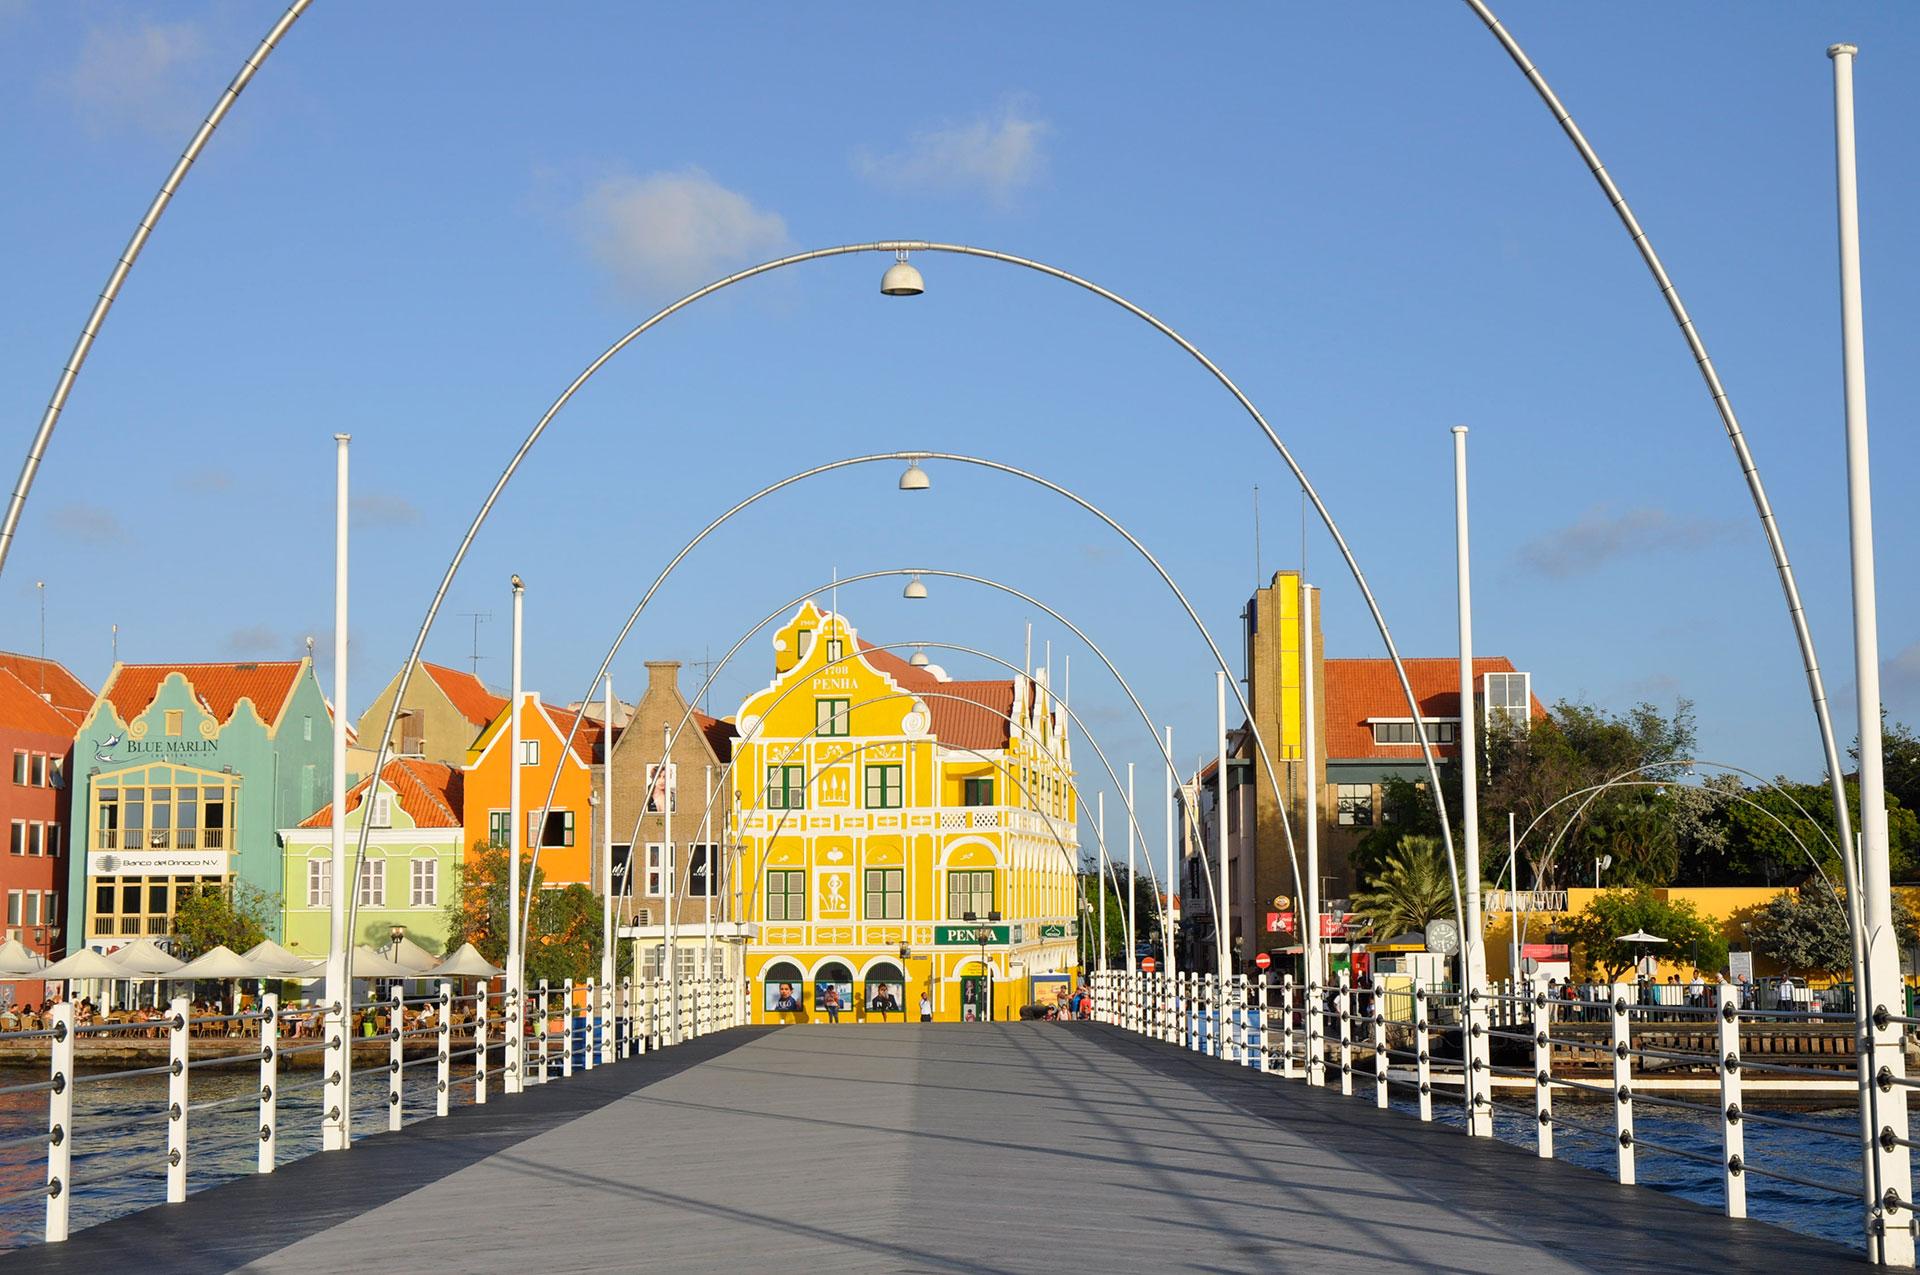 Aunque Curazao a menudo ha sido eclipsada por su isla hermana Aruba, ha comenzado a invertir más fuertemente en turismo; parece que cada día aparece un nuevo hotel o restaurante en escena. Incluso sin las modernas inauguraciones, la capital del siglo XVII, Willemstad, protegida por la UNESCO, es tan bonita como histórica